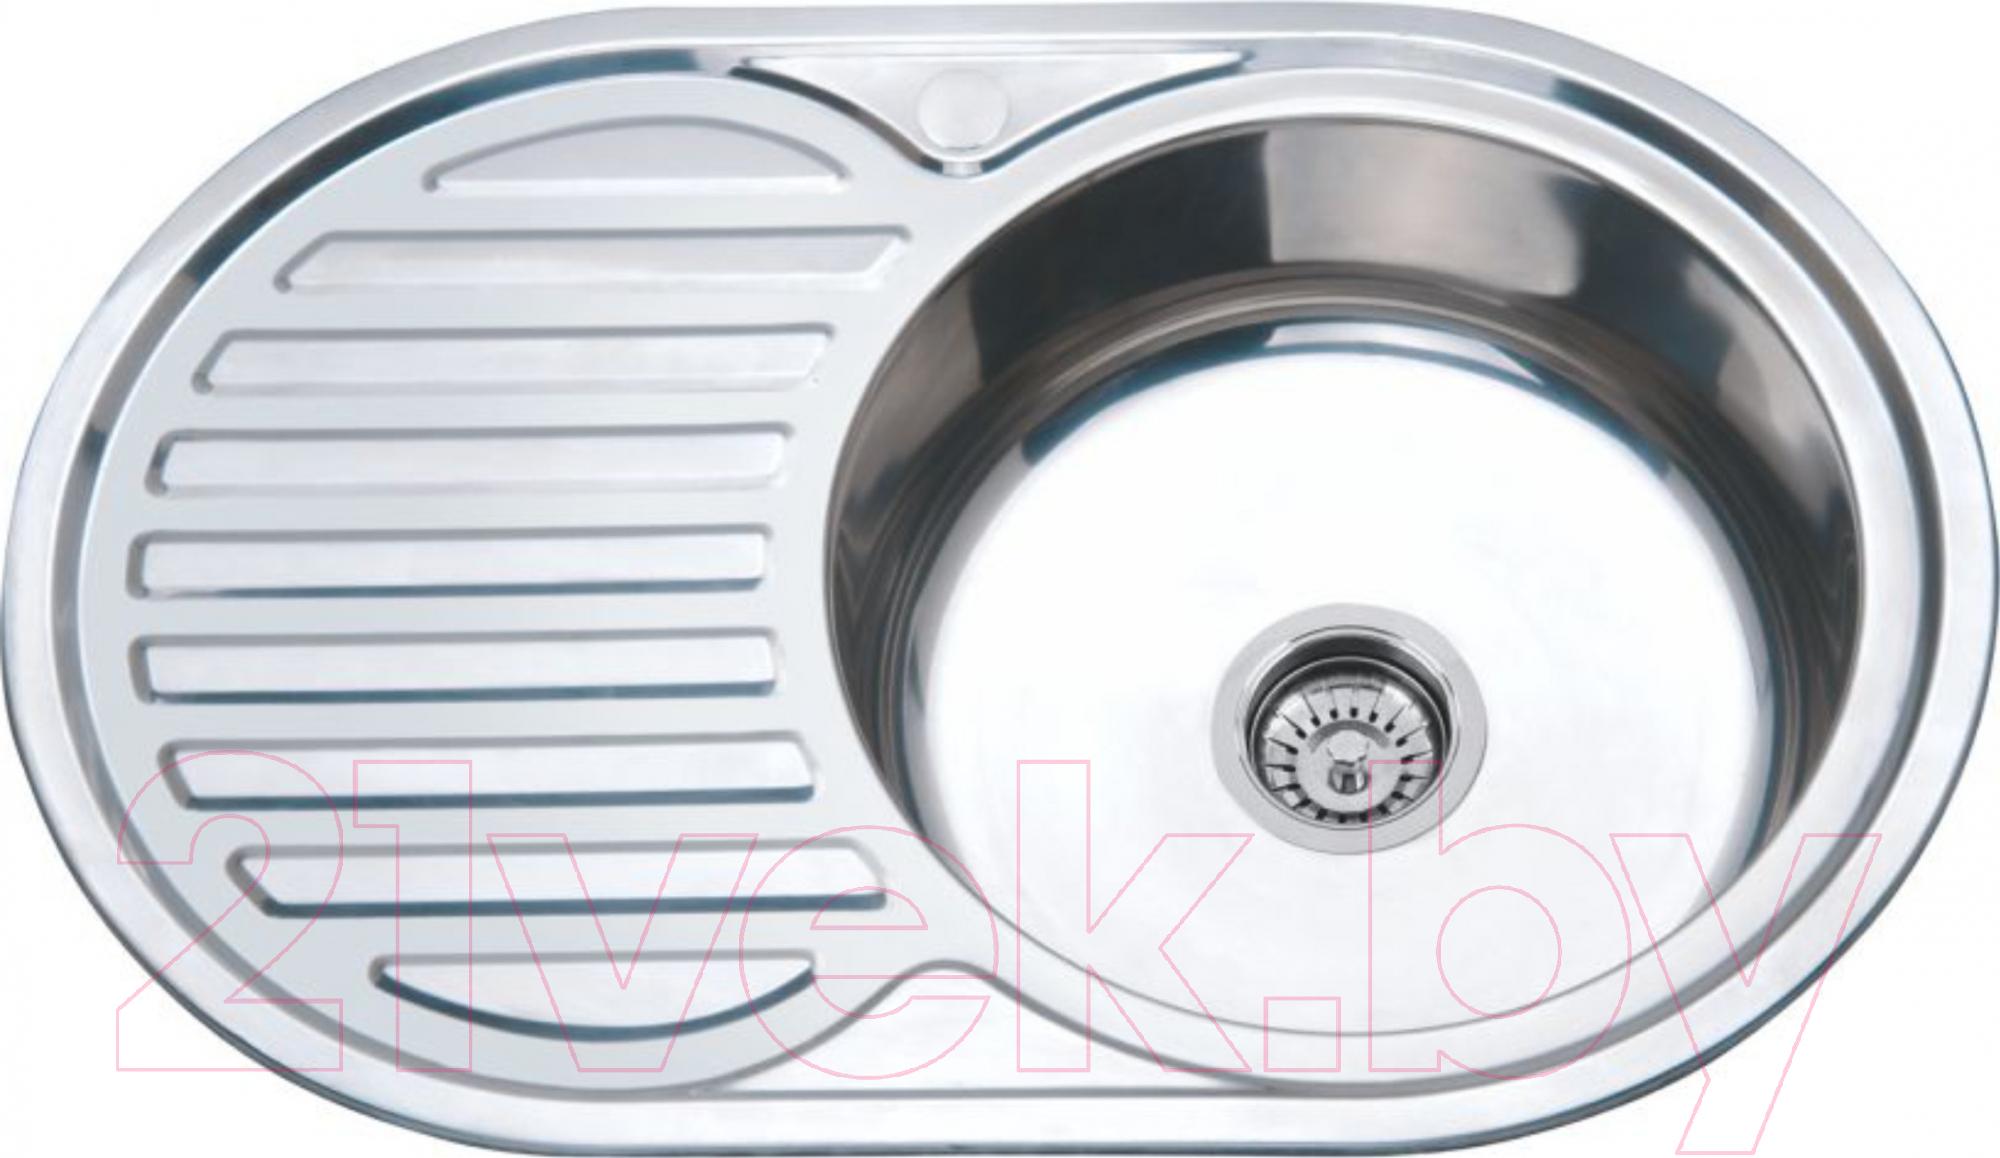 Купить Мойка кухонная РМС, MG8-7750OVR, Россия, нержавеющая сталь